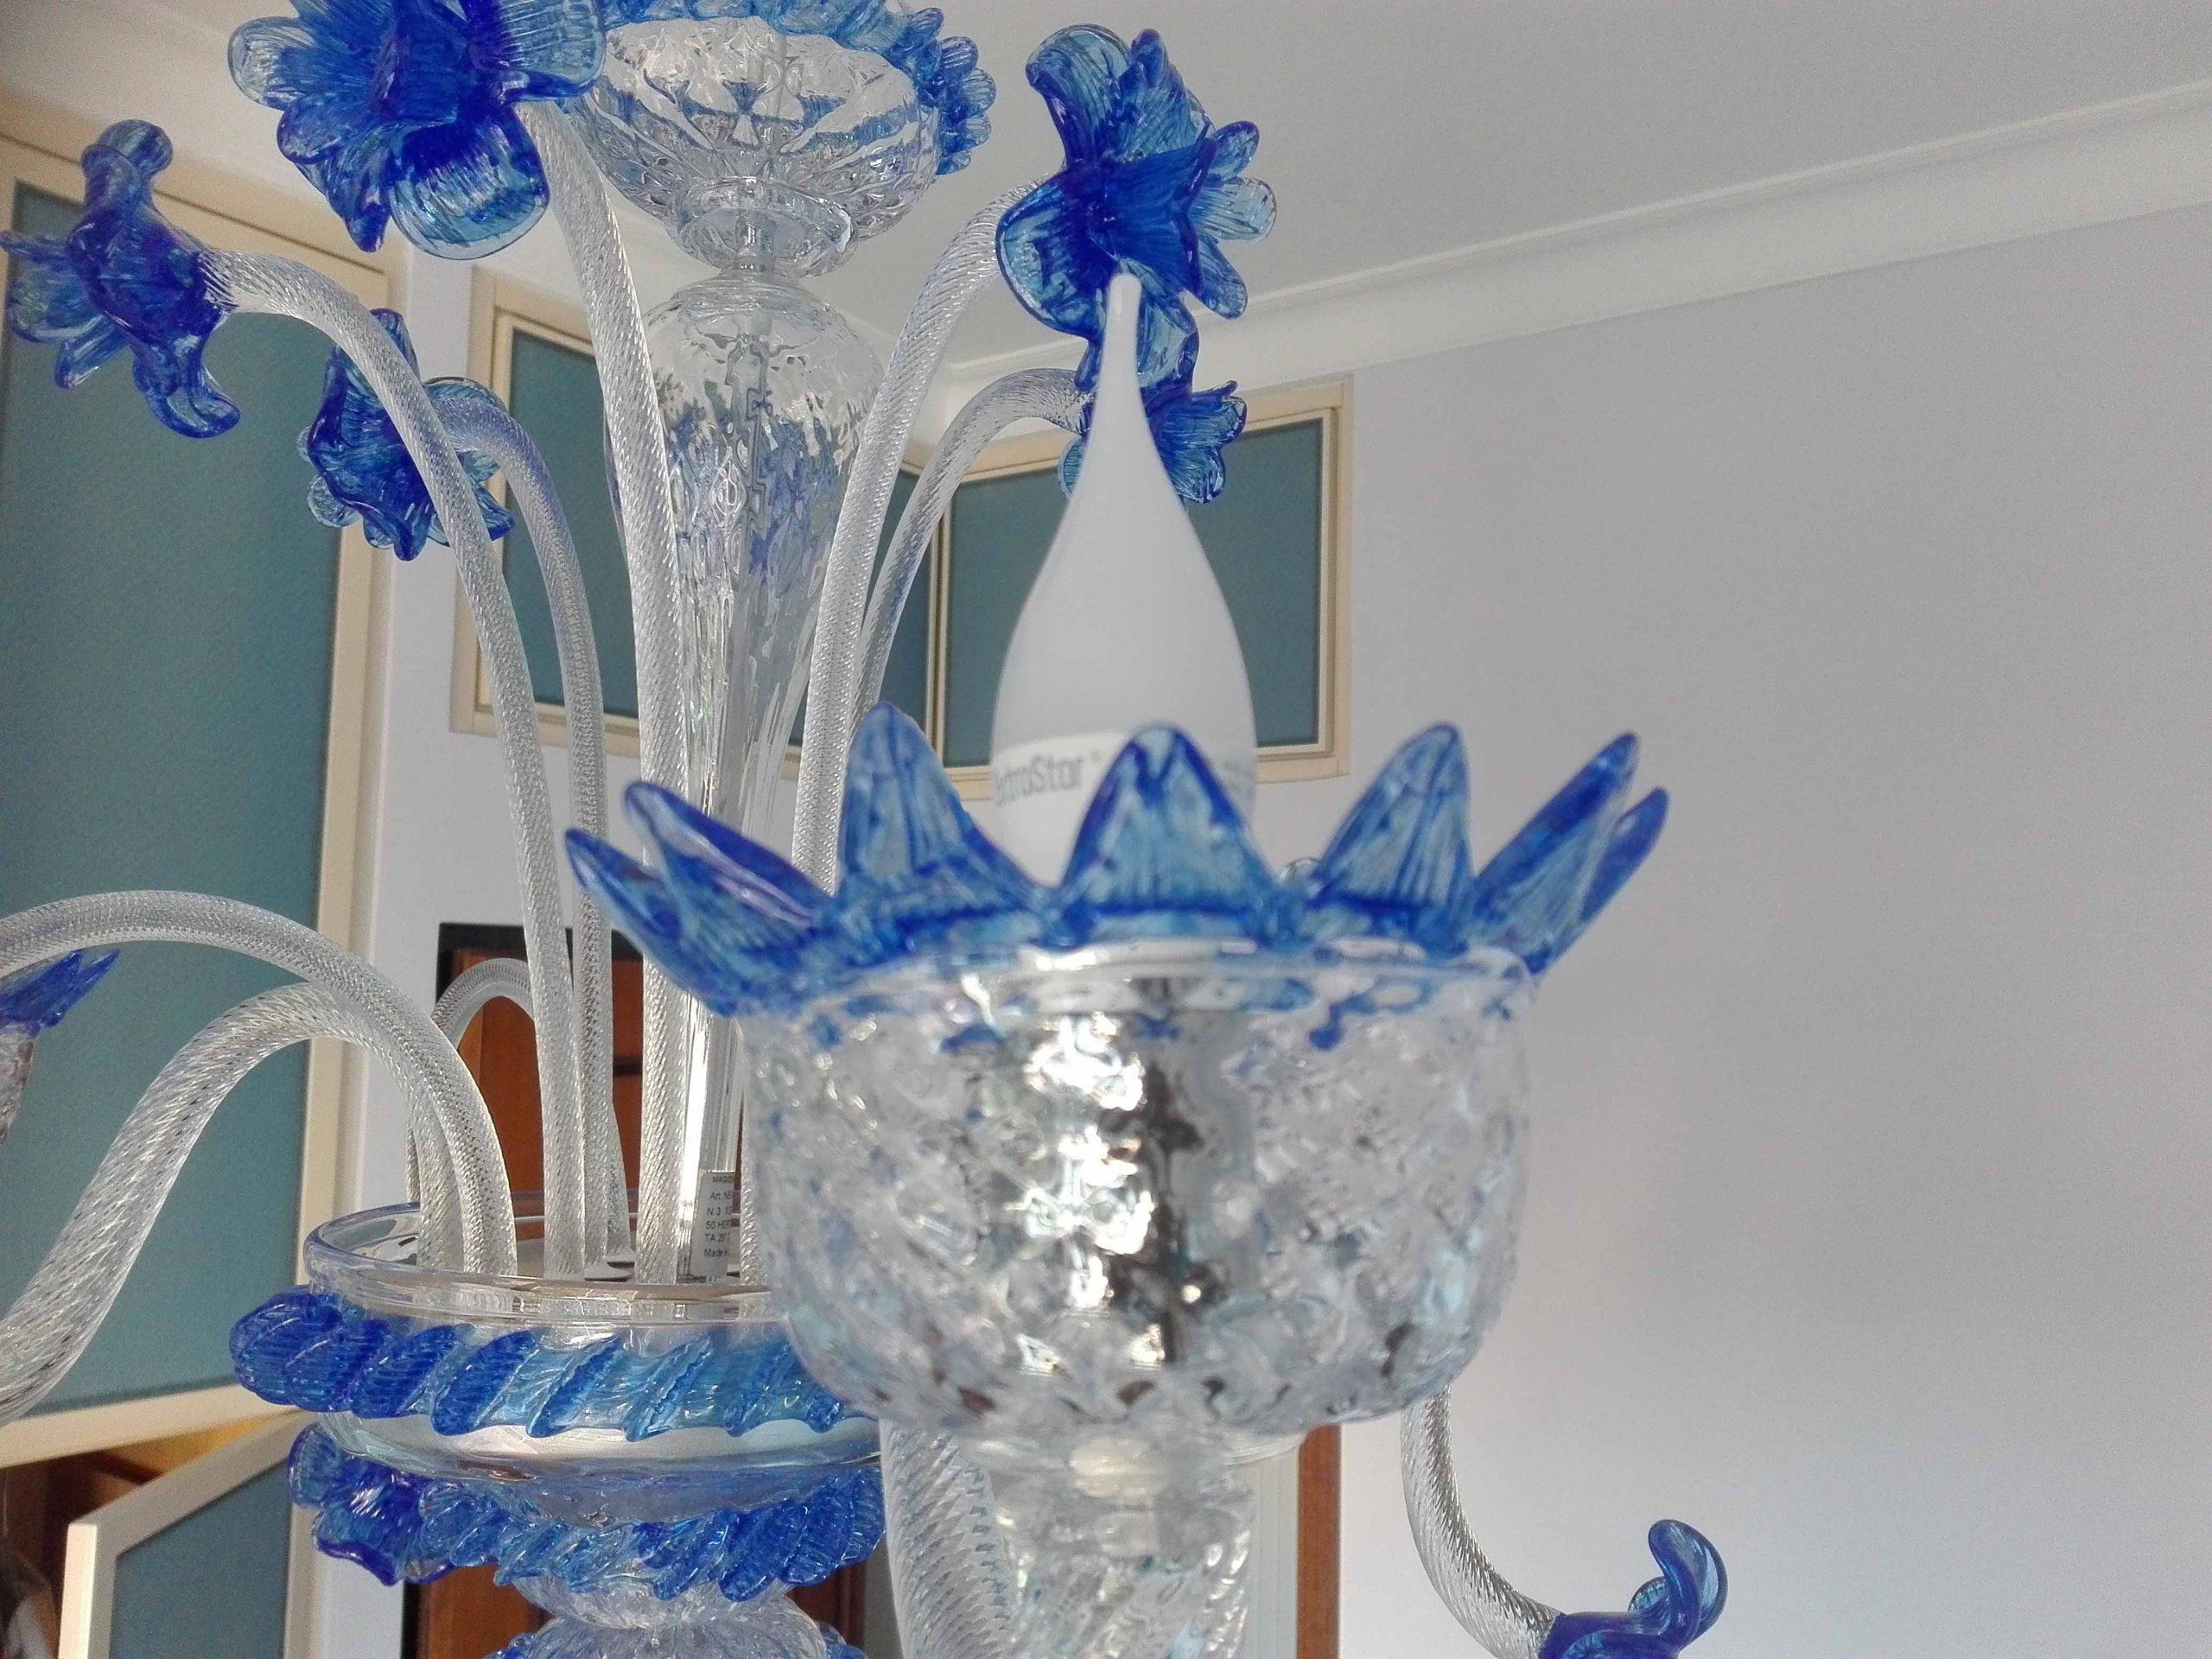 Nevada cristallo blu